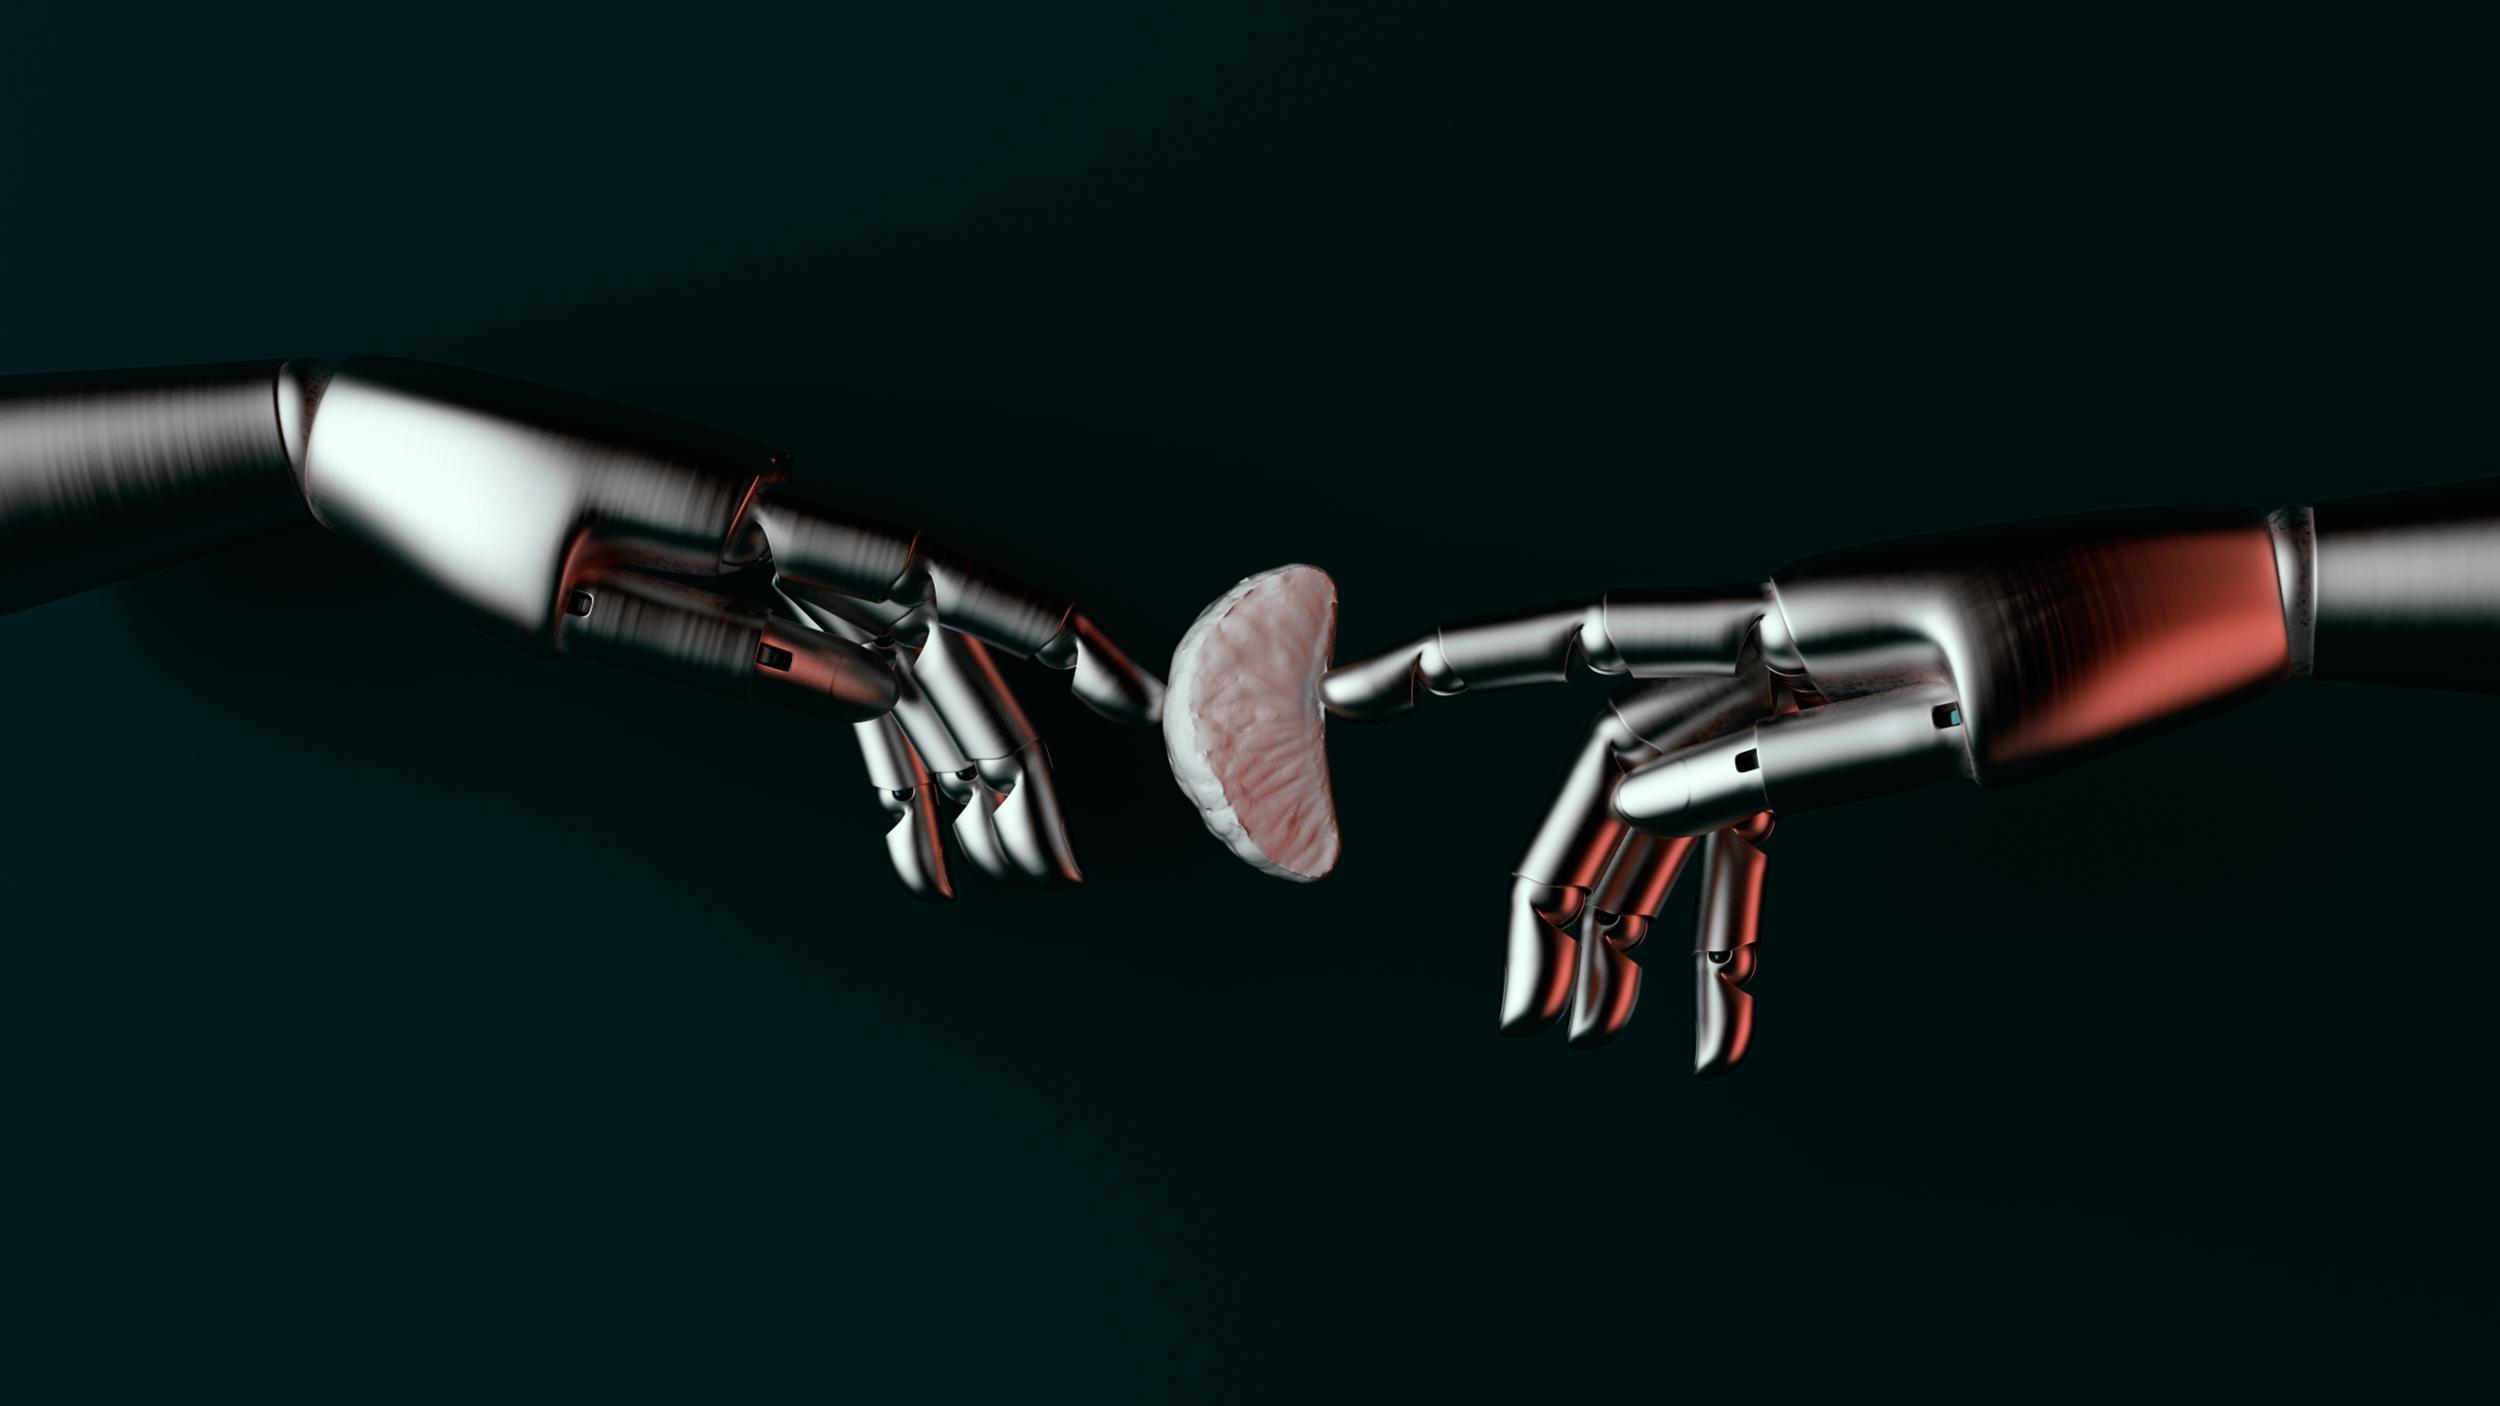 DaVinci_Robot_002.png